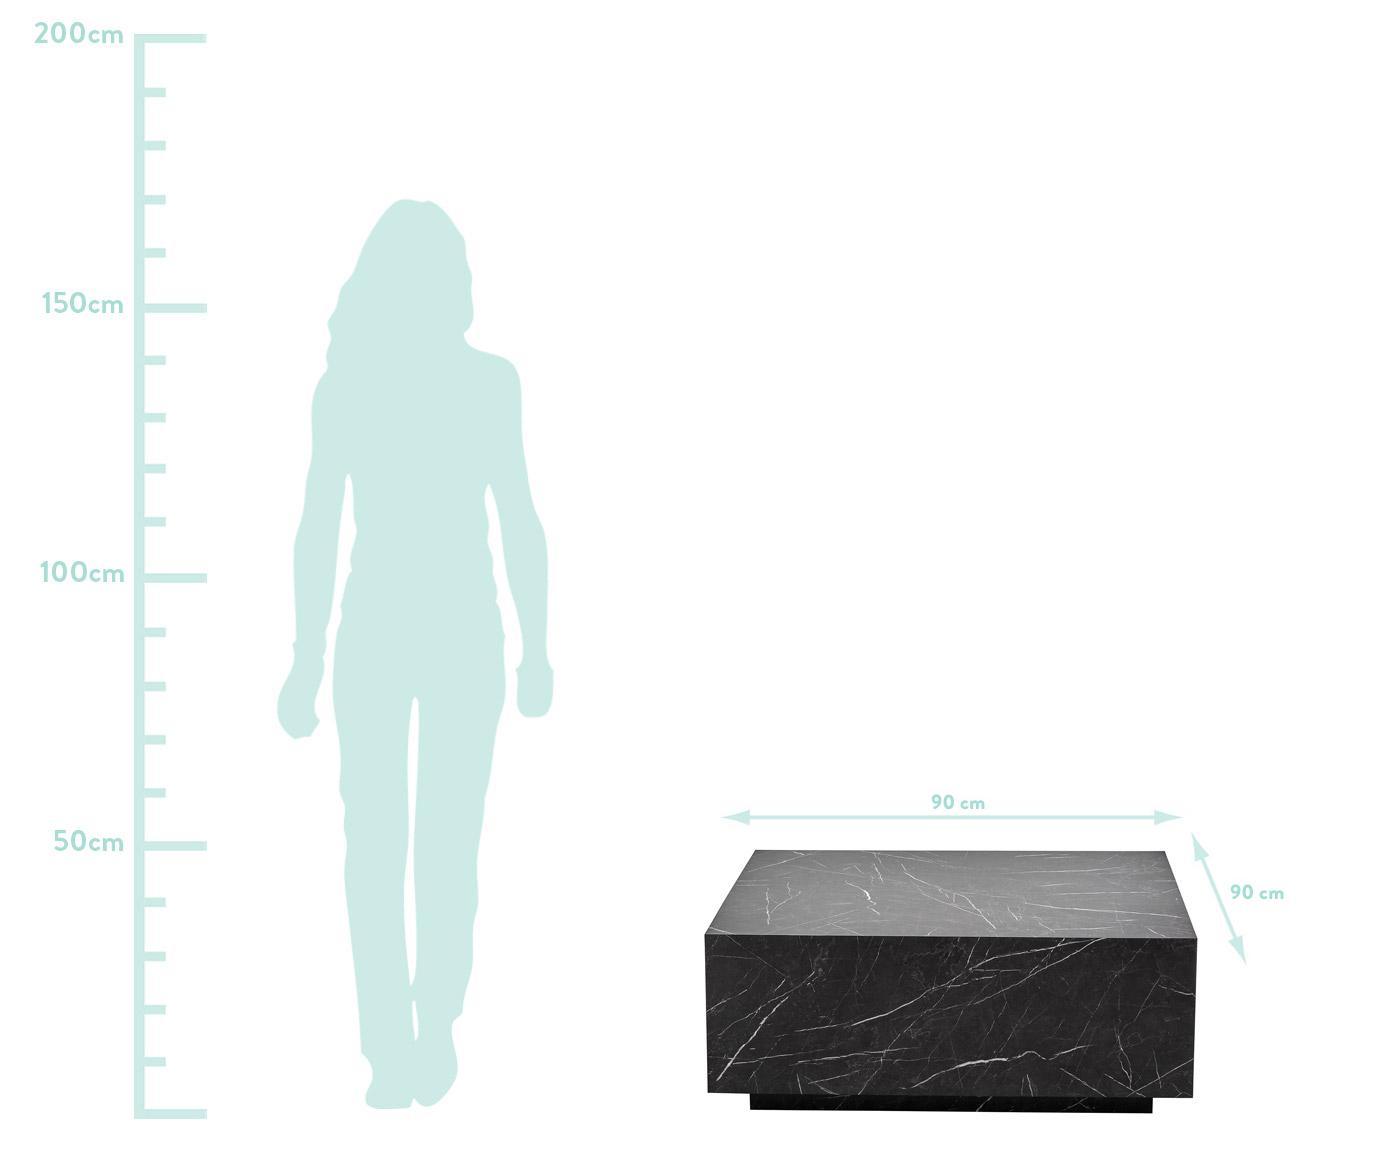 Tavolino da salotto nero effetto marmo Lesley, Pannello di fibra a media densità (MDF) rivestito con foglio di melamina, Nero, marmorizzato lucido, Larg. 90 x Alt. 35 cm